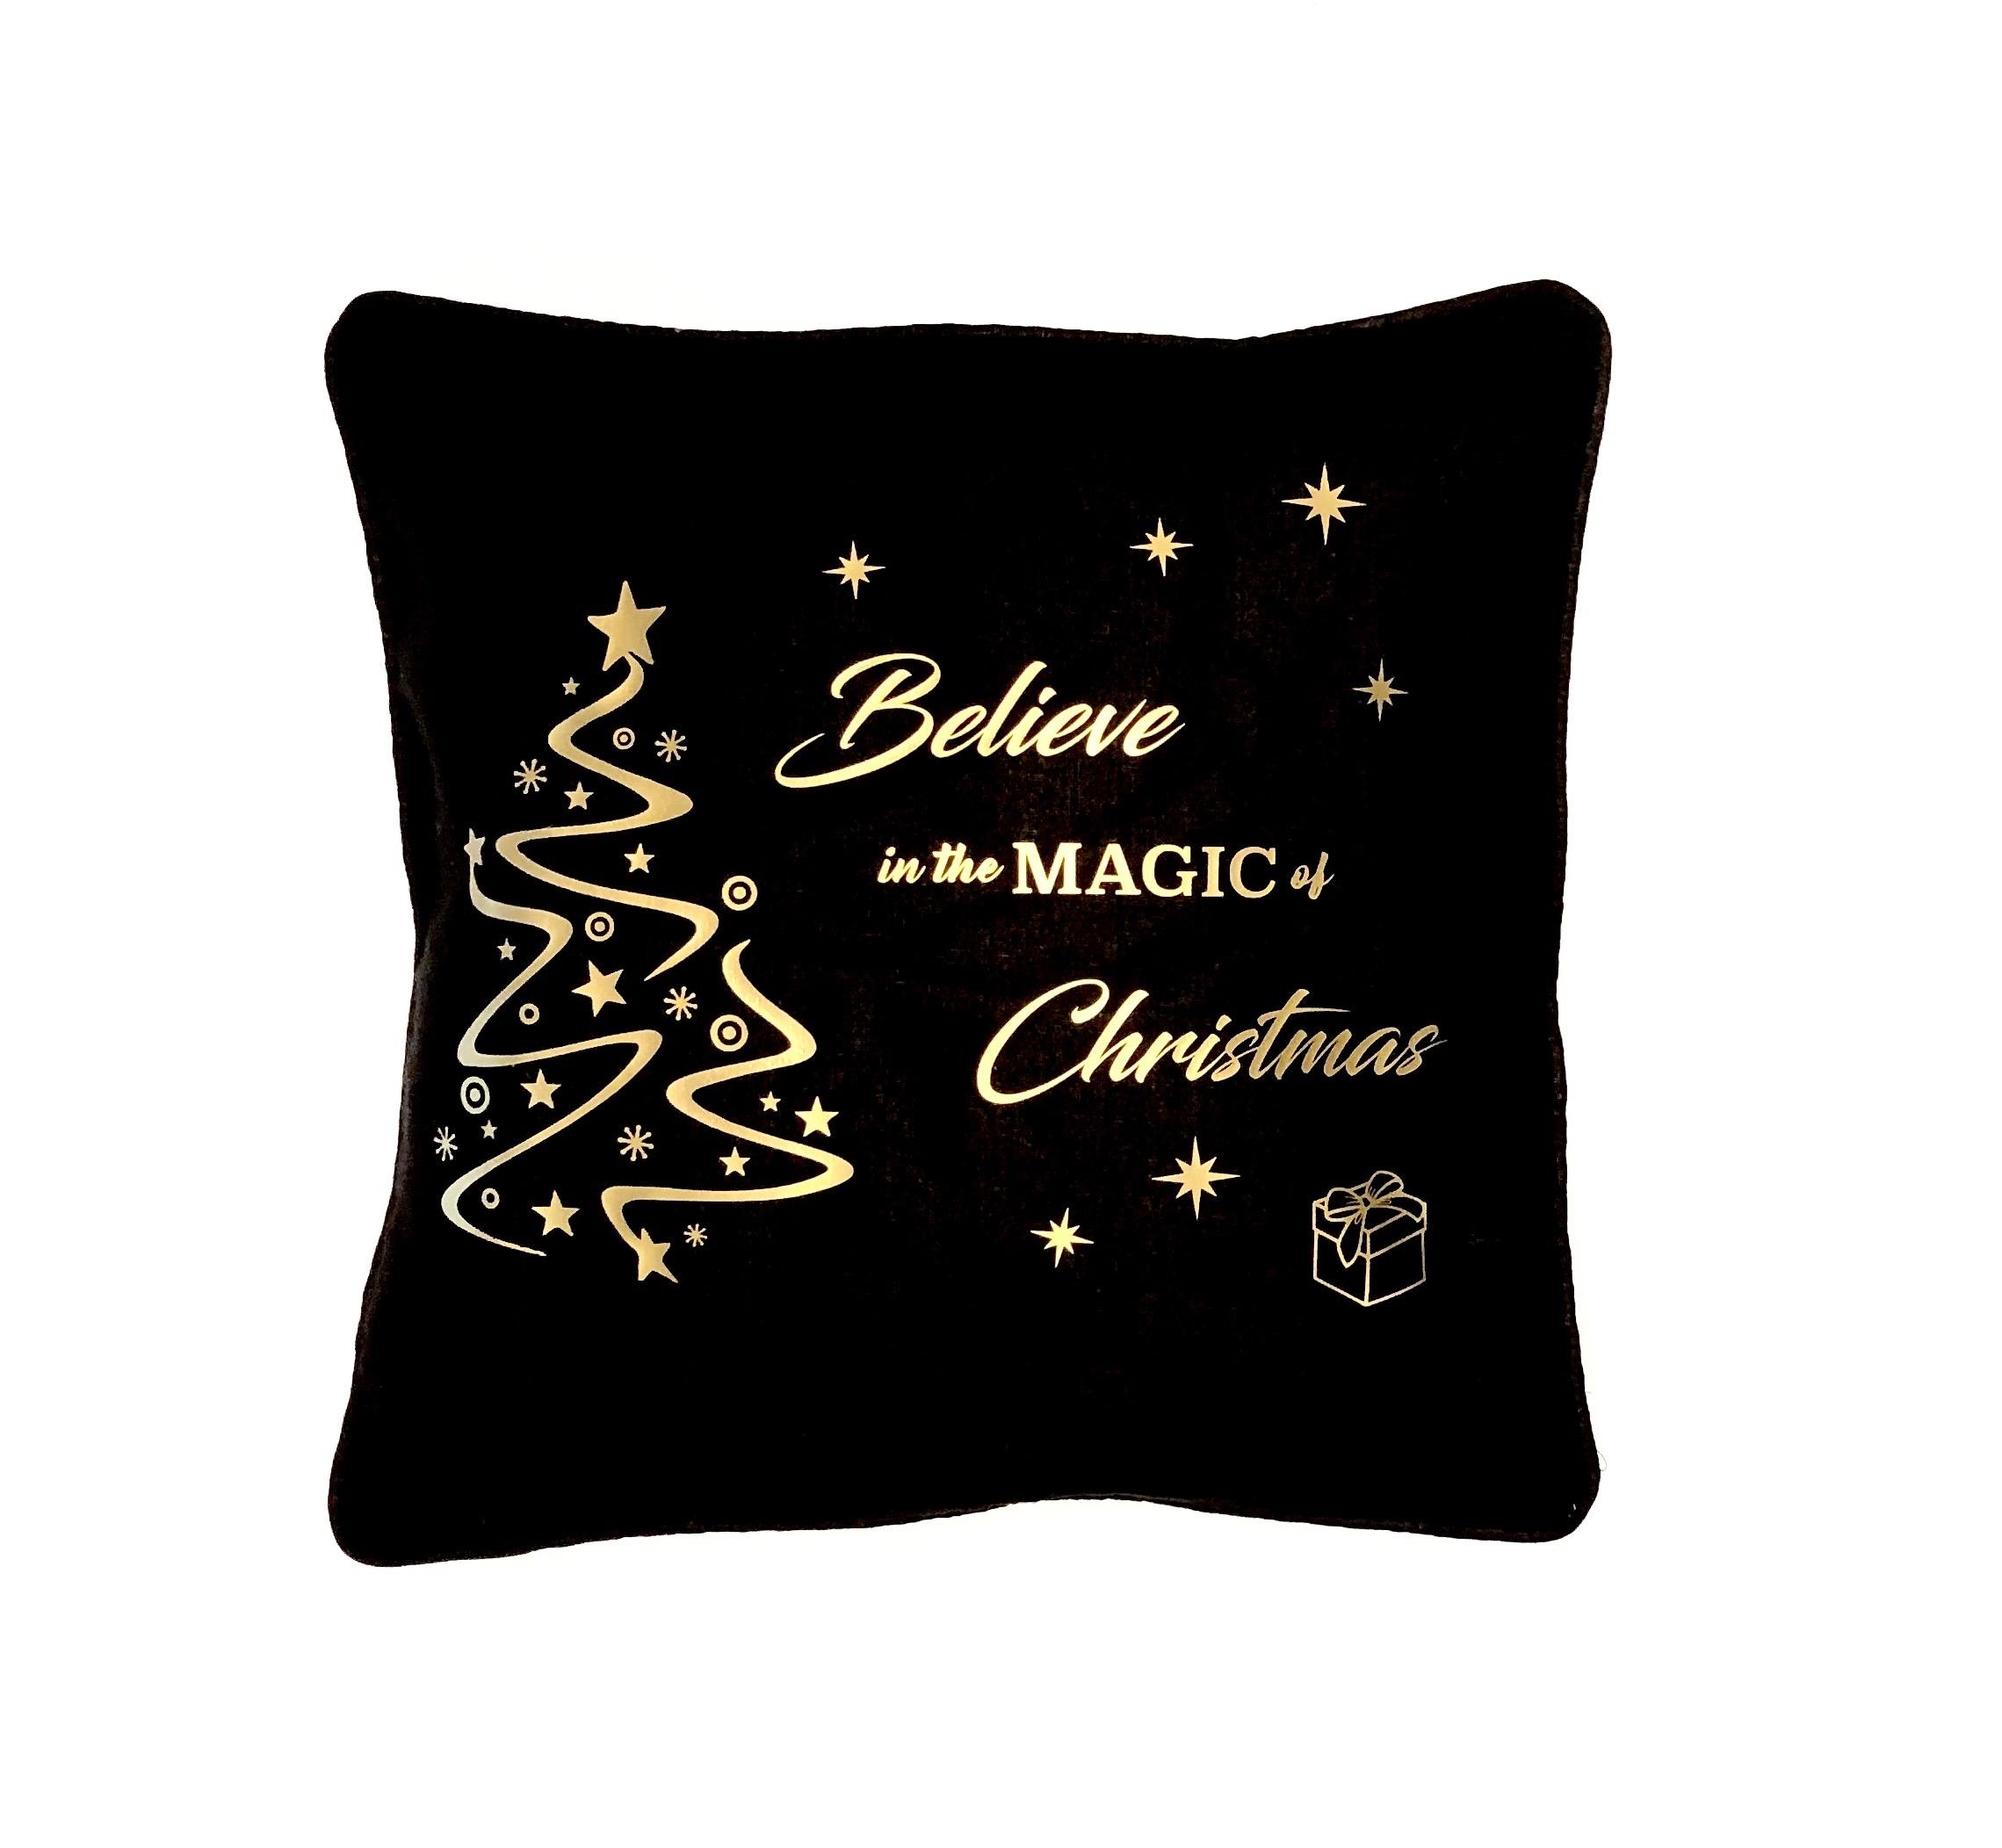 Kerstdecoratie | Kussensloop 'Believe' zwart/goud